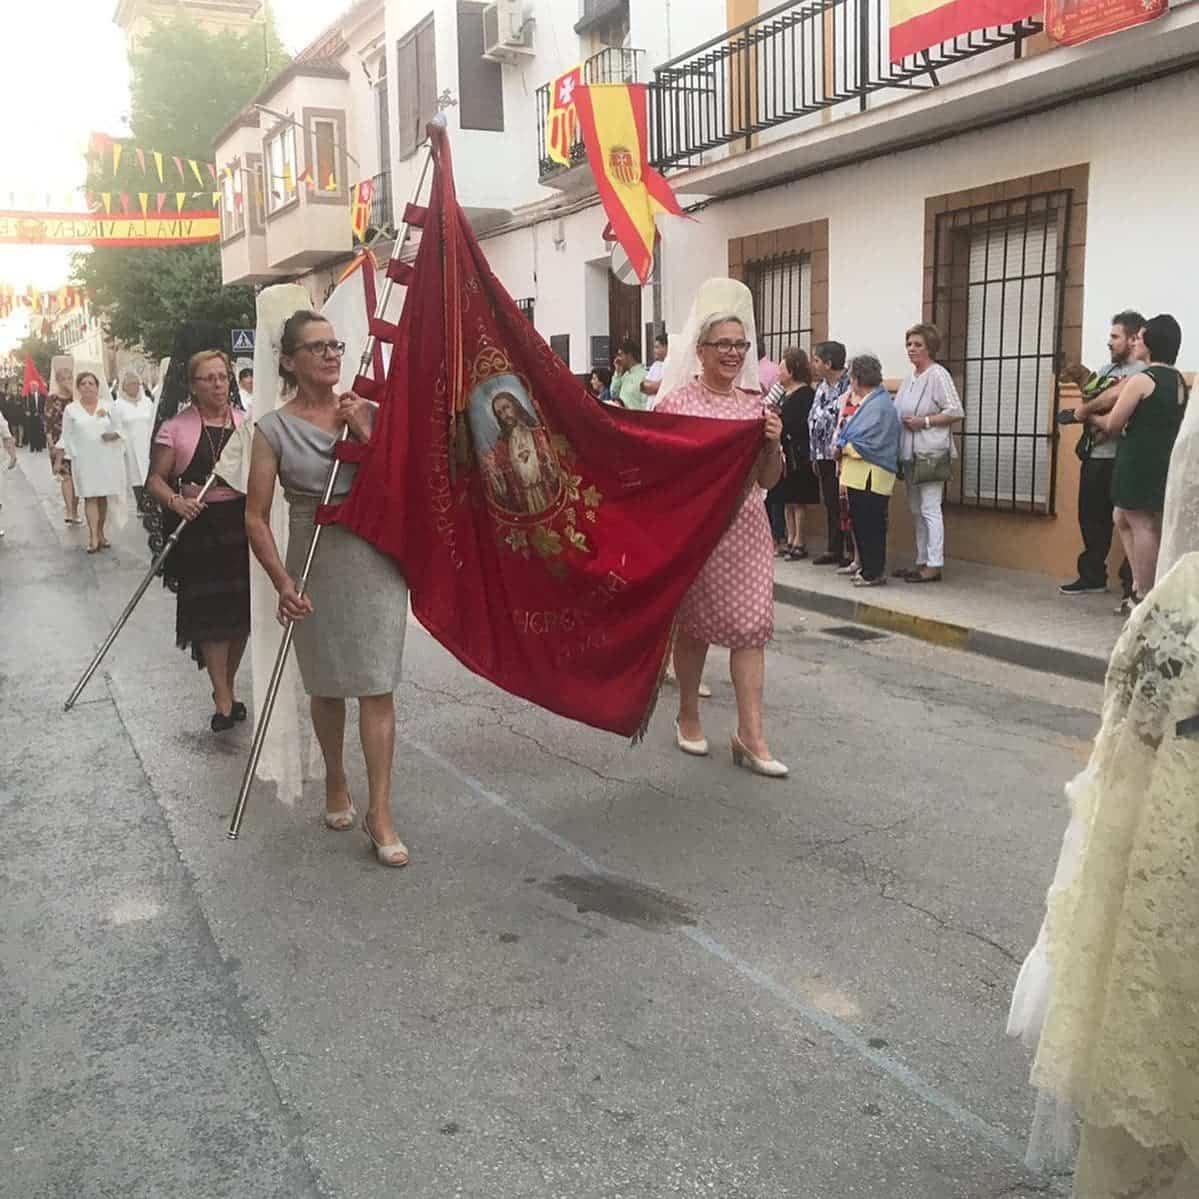 Magna procesión de nuestra Santísima Madre cierra la Feria y Fiestas herenciana 24